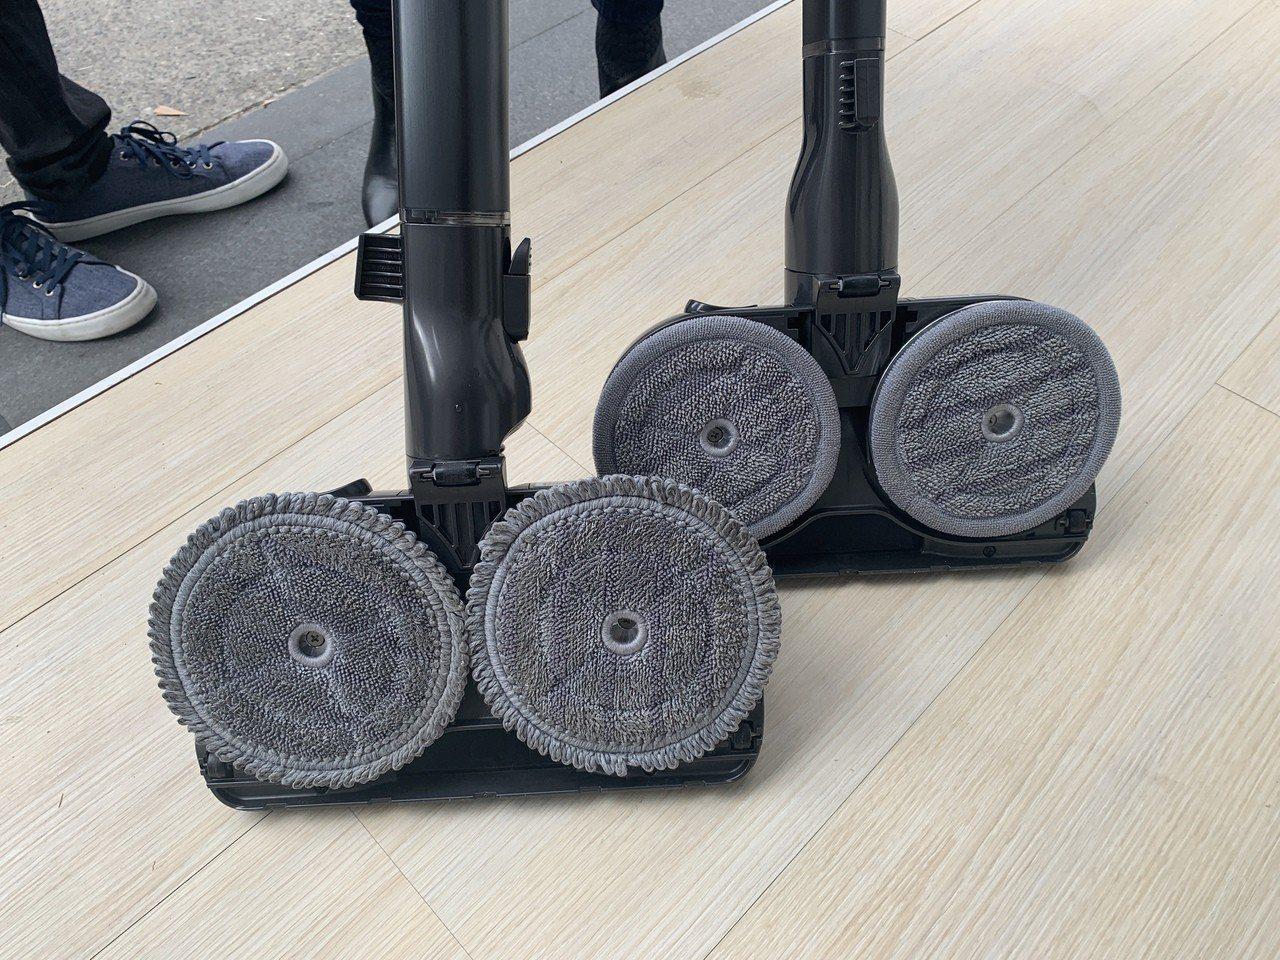 隨附兩款雙旋濕拖布墊,長滾邊款更適合清潔頑強污垢。可記者黃筱晴/攝影